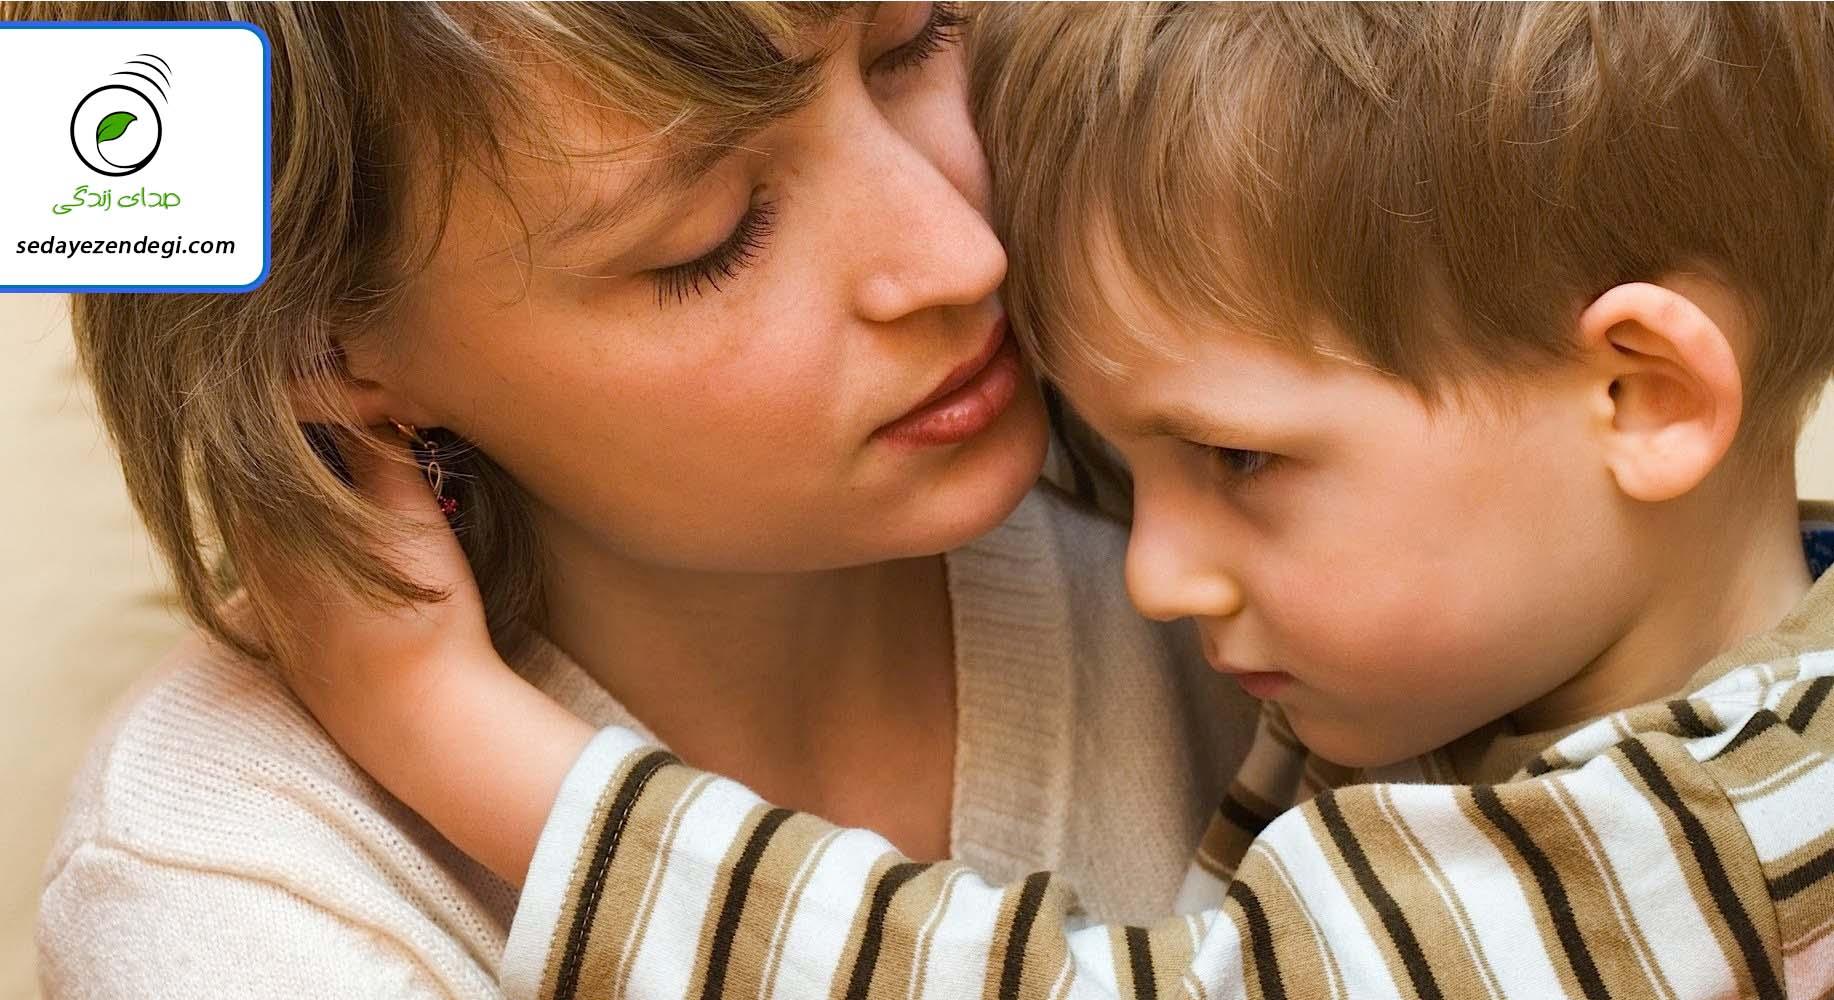 غلبه بر فوبیا و اضطراب در کودکان در ۱۰ گام مختصر و اثربخش